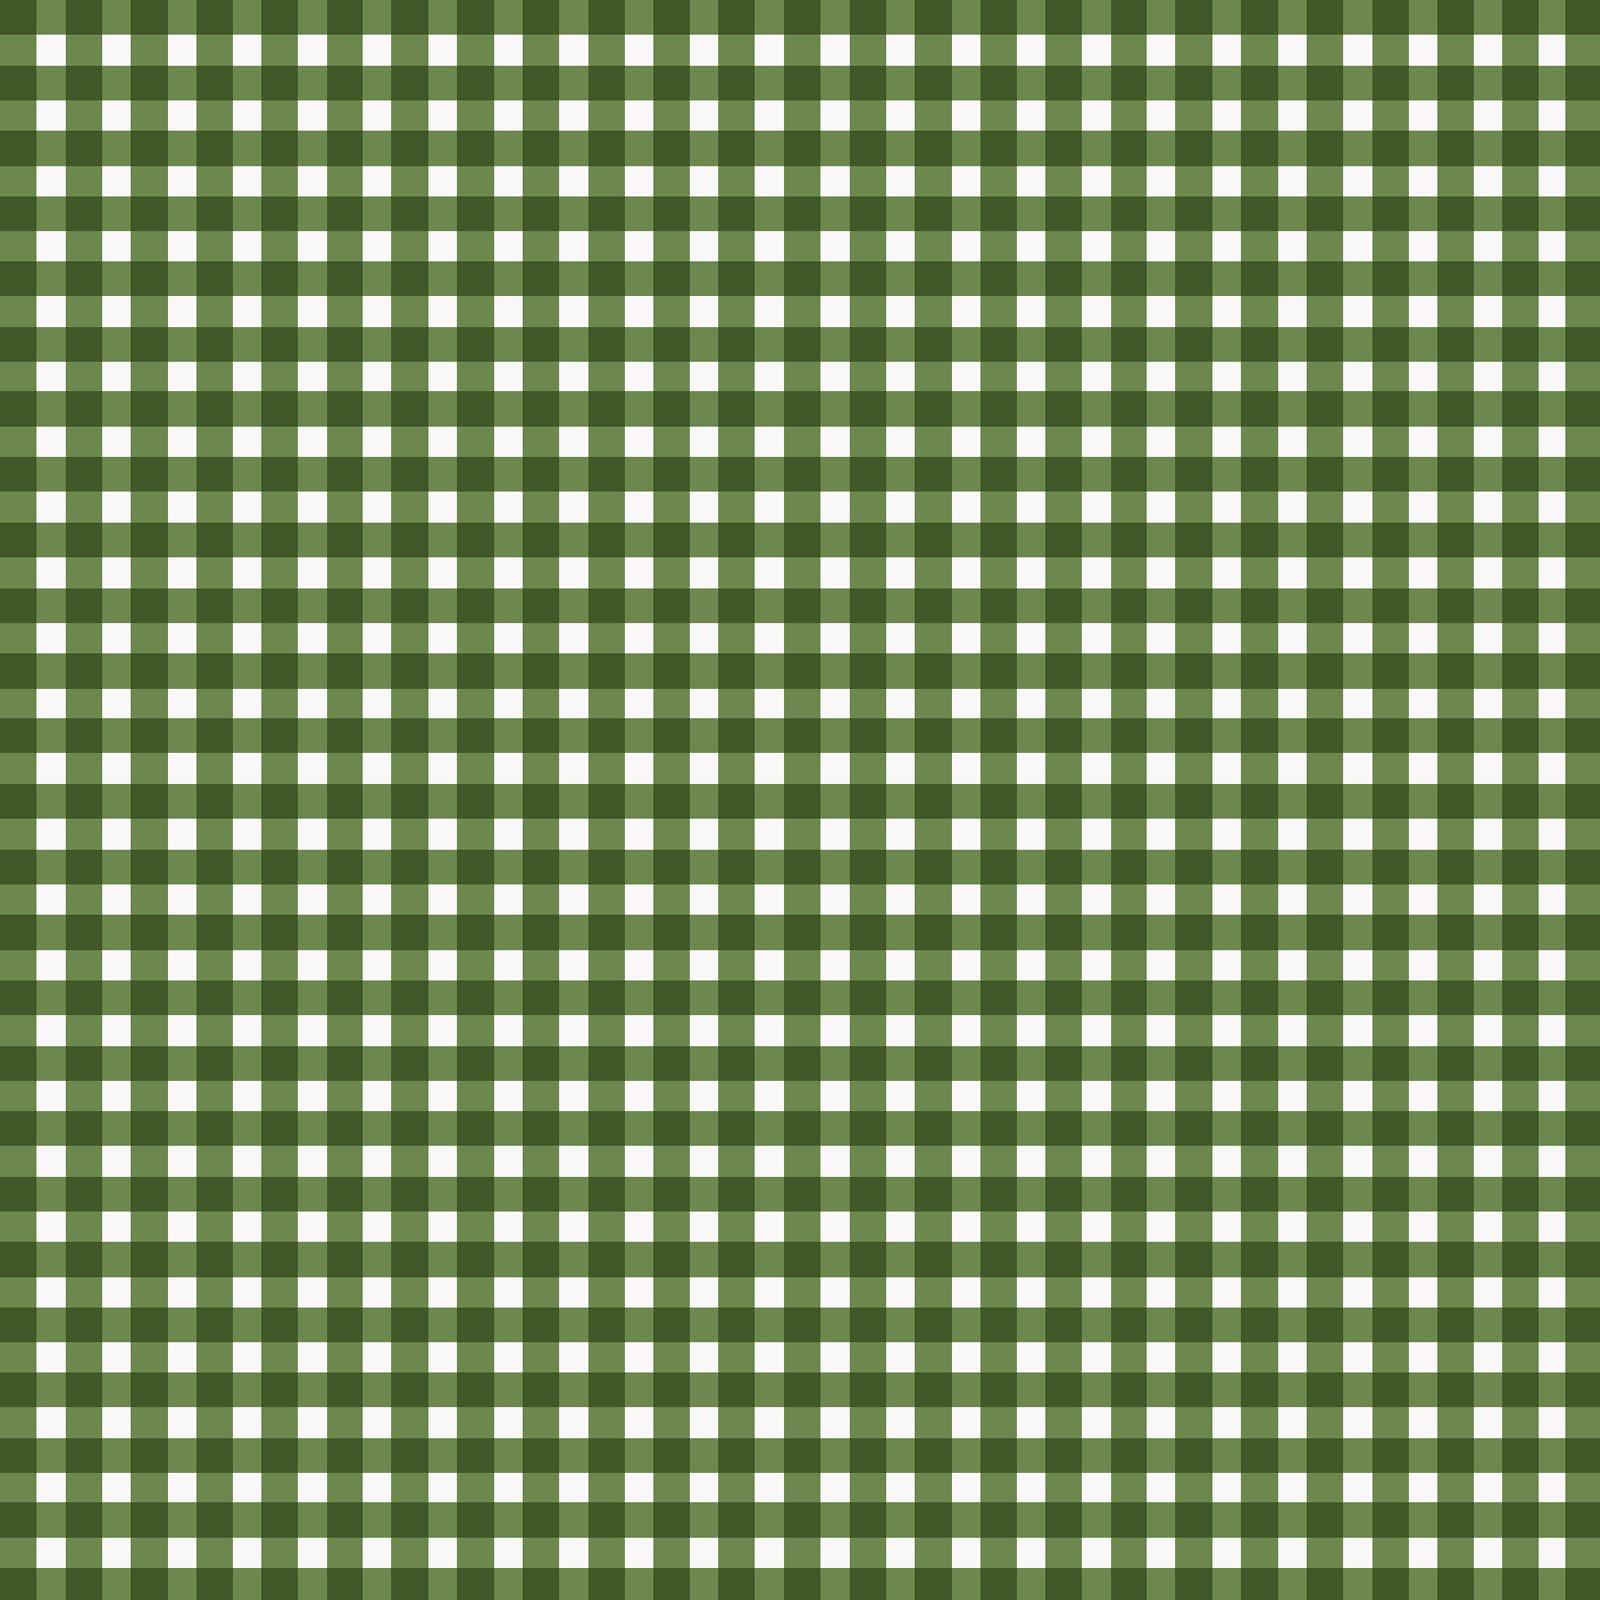 Beautiful Basics Check Green 2 610MGG2